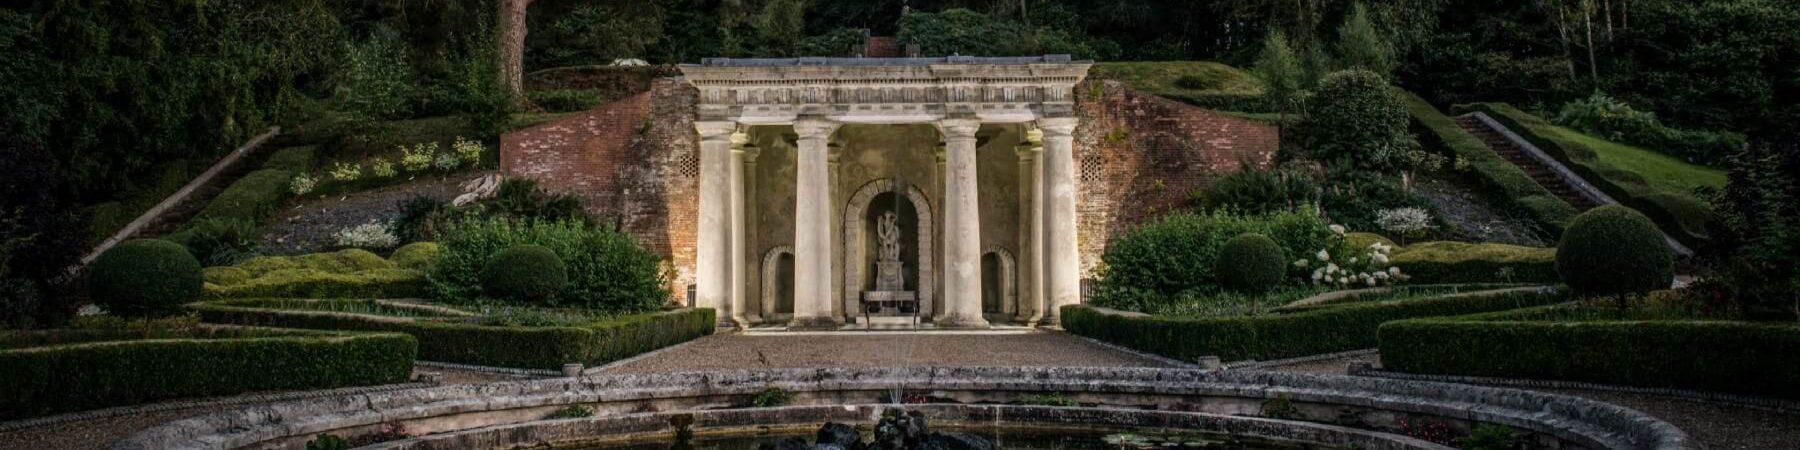 Italian Garden Exterior